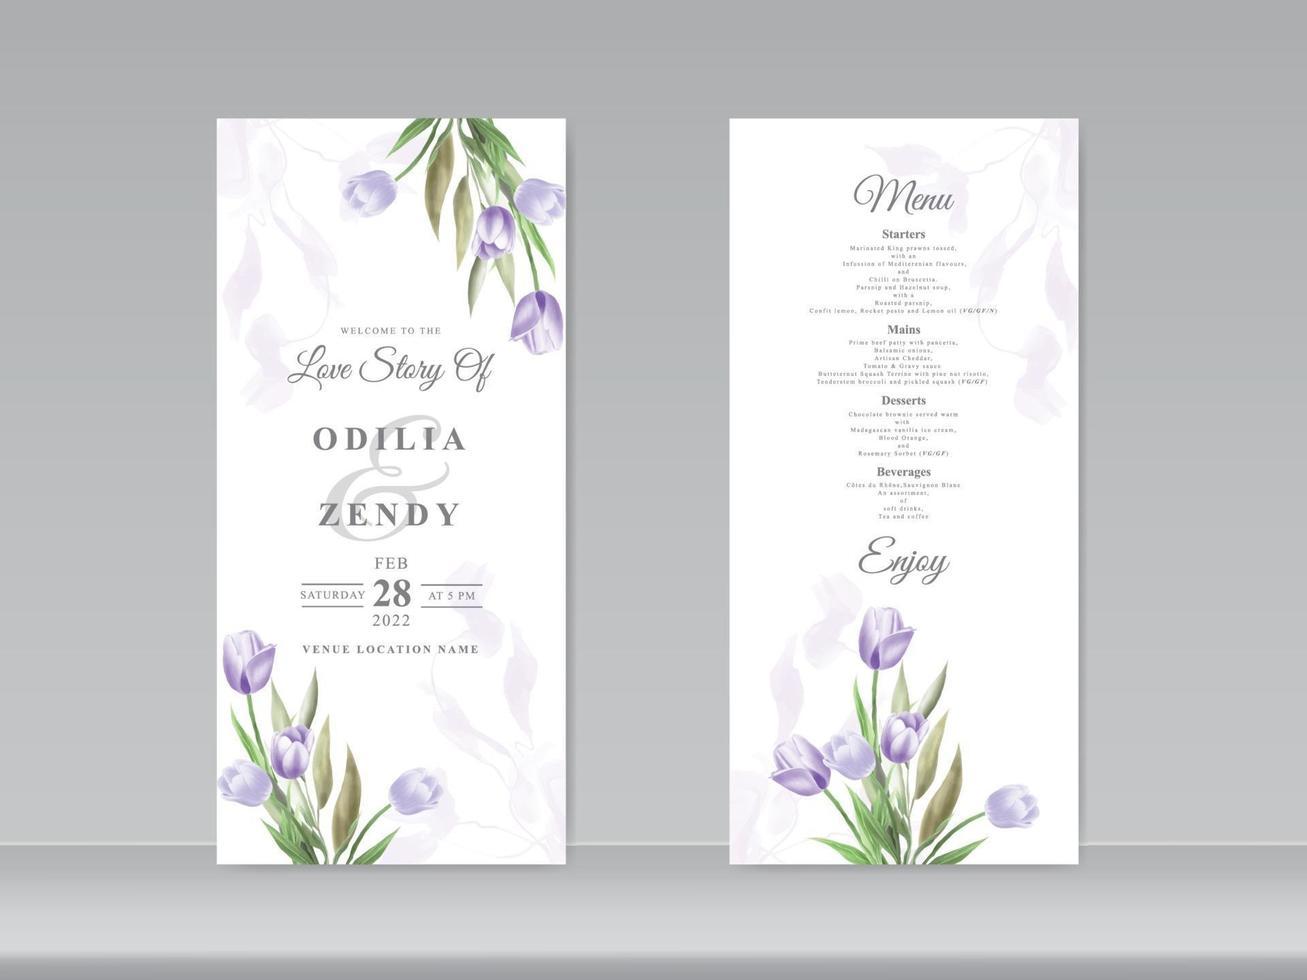 carta di matrimonio acquerello bellissimo tulipano vettore